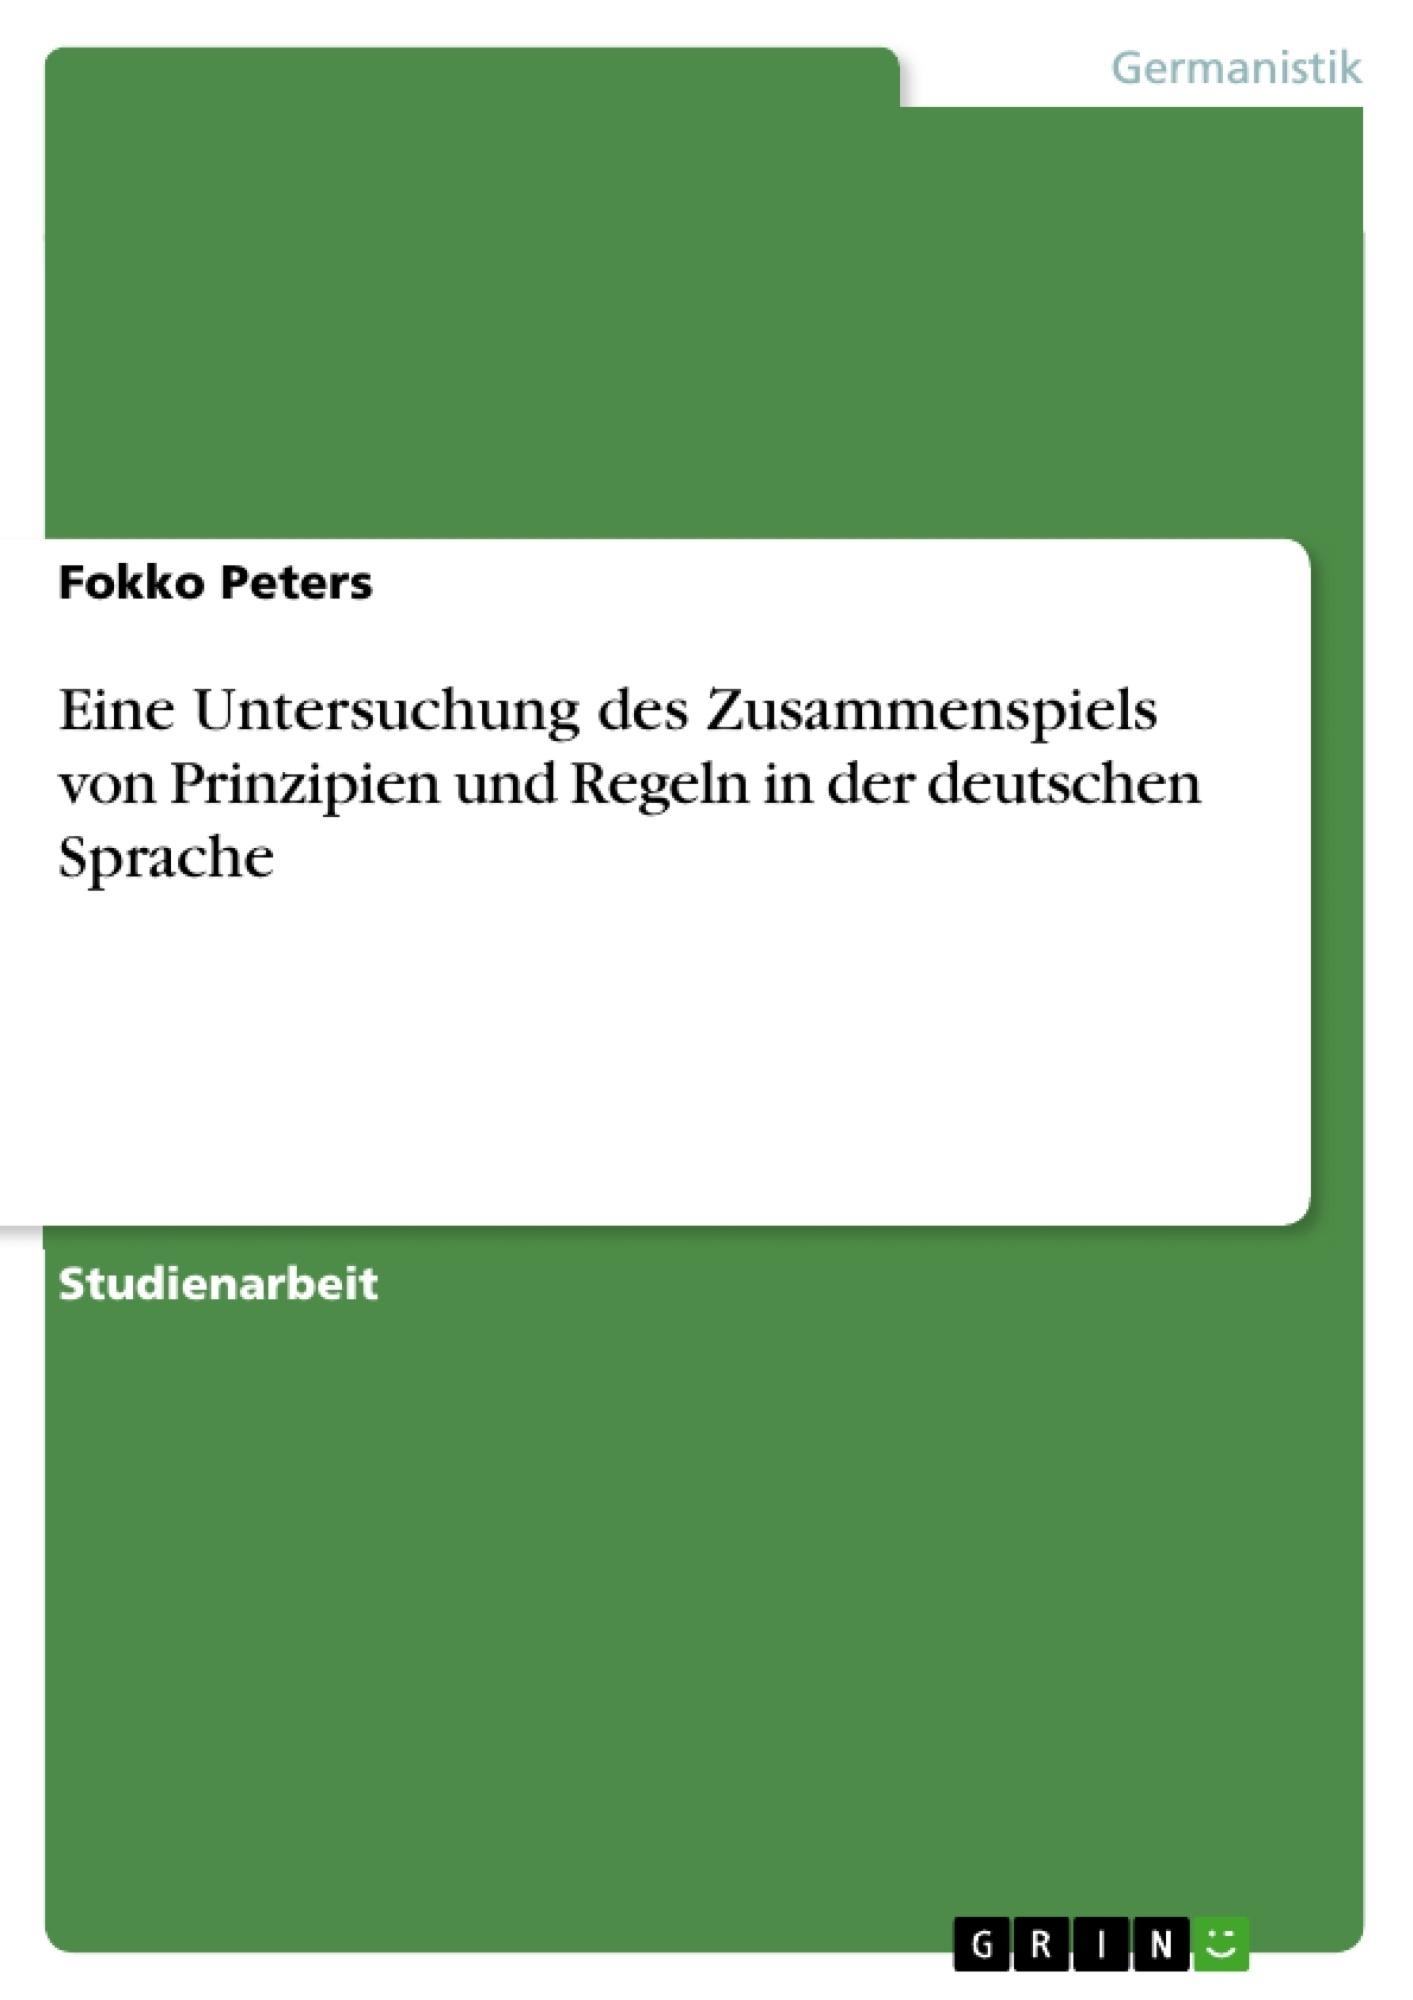 Titel: Eine Untersuchung des Zusammenspiels von Prinzipien und Regeln in der deutschen Sprache